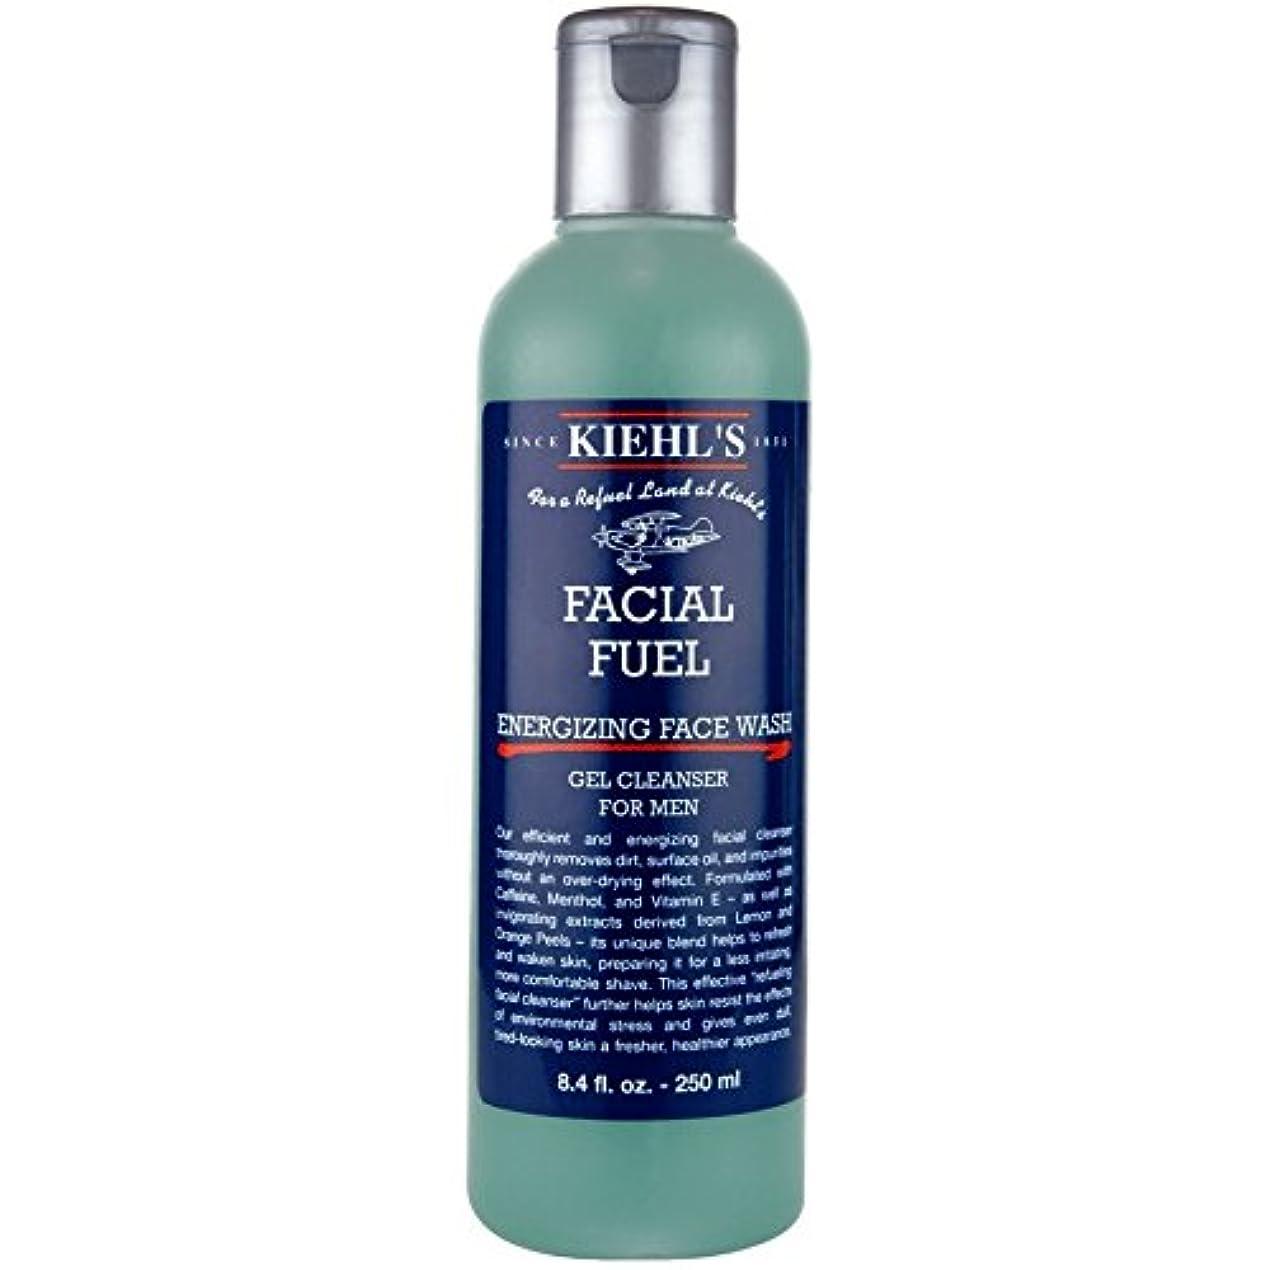 断片内なるのれん[Kiehl's] 男性のためのキールズフェイシャル燃料通電洗顔250ミリリットル - Kiehl's Facial Fuel Energizing Face Wash For Men 250ml [並行輸入品]